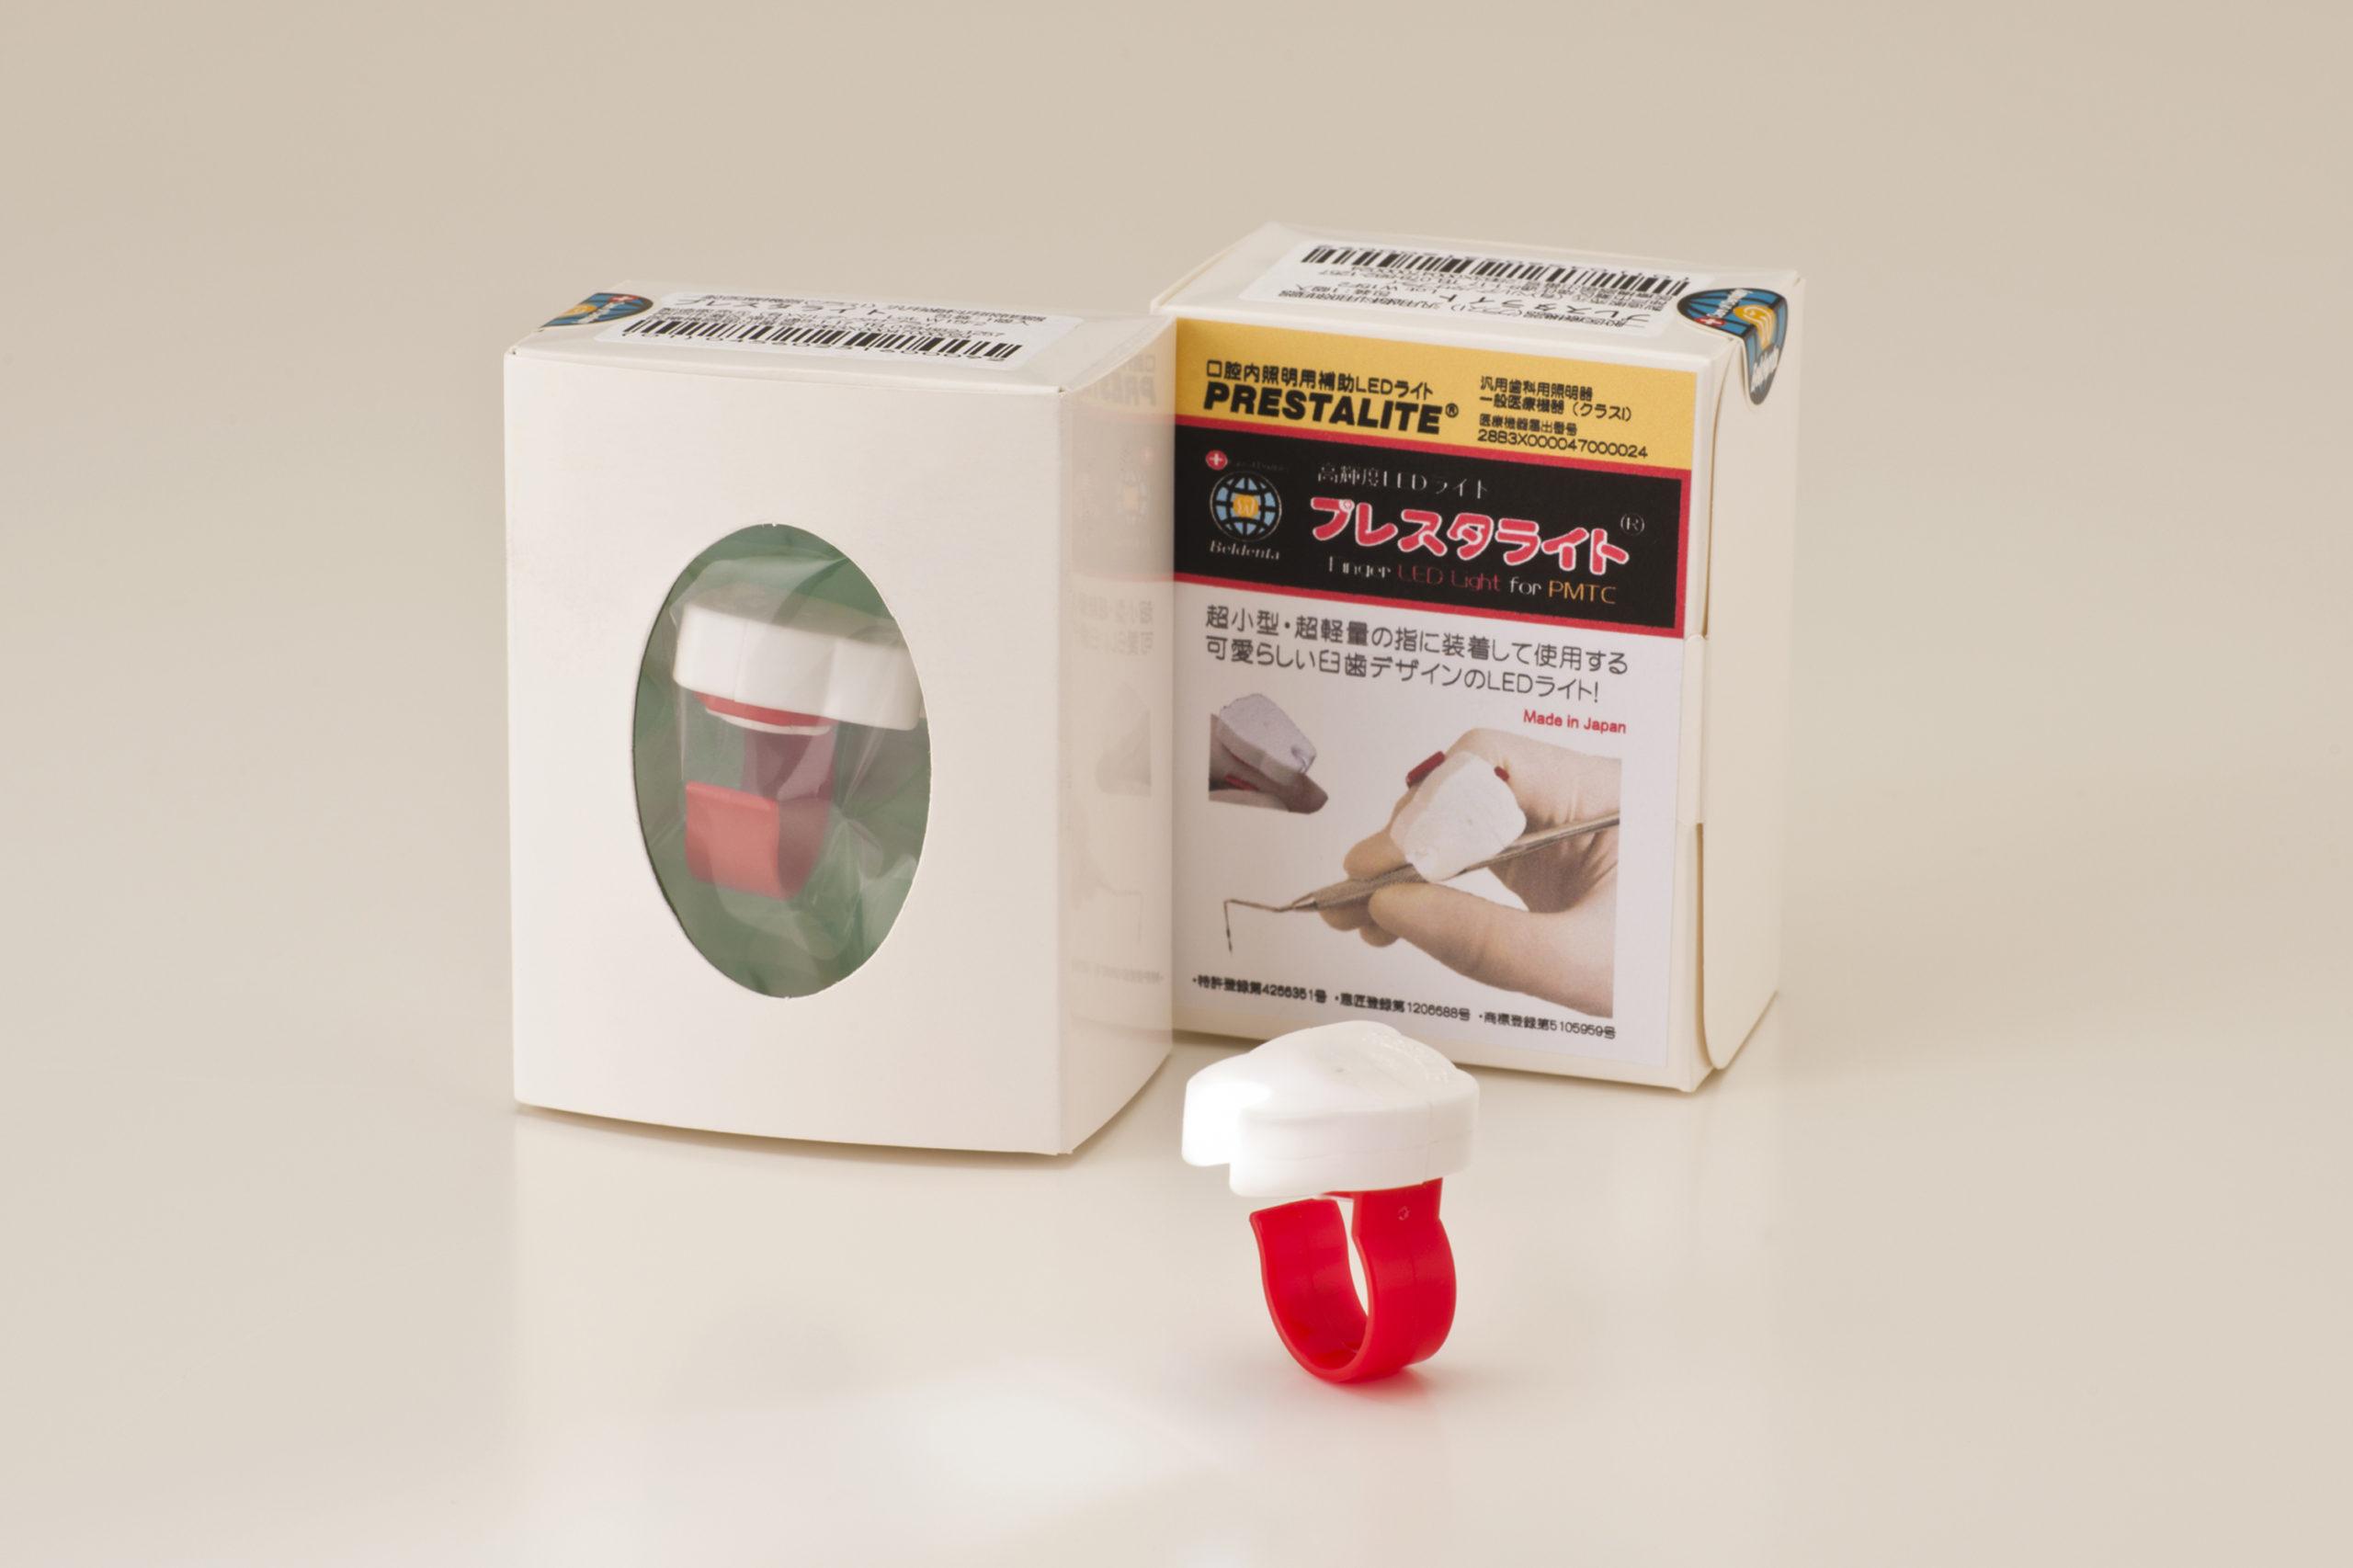 プレスタライト (口腔内照明用補助ライト)の写真